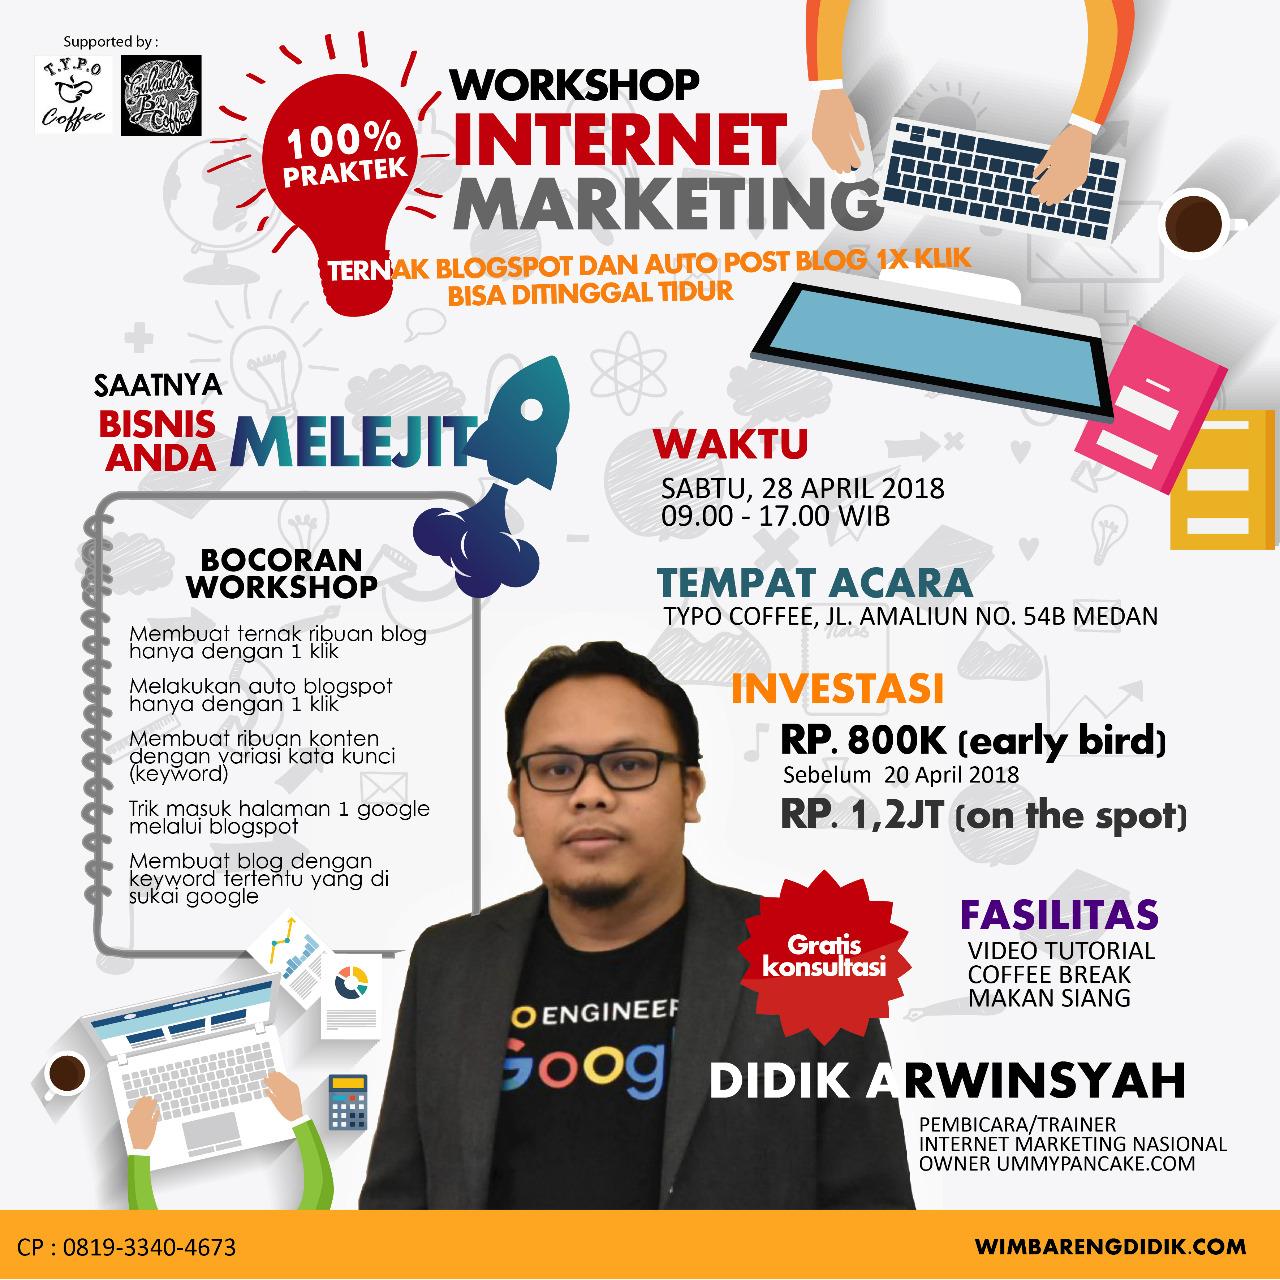 Workshop Internet Marketing Medan April 2018